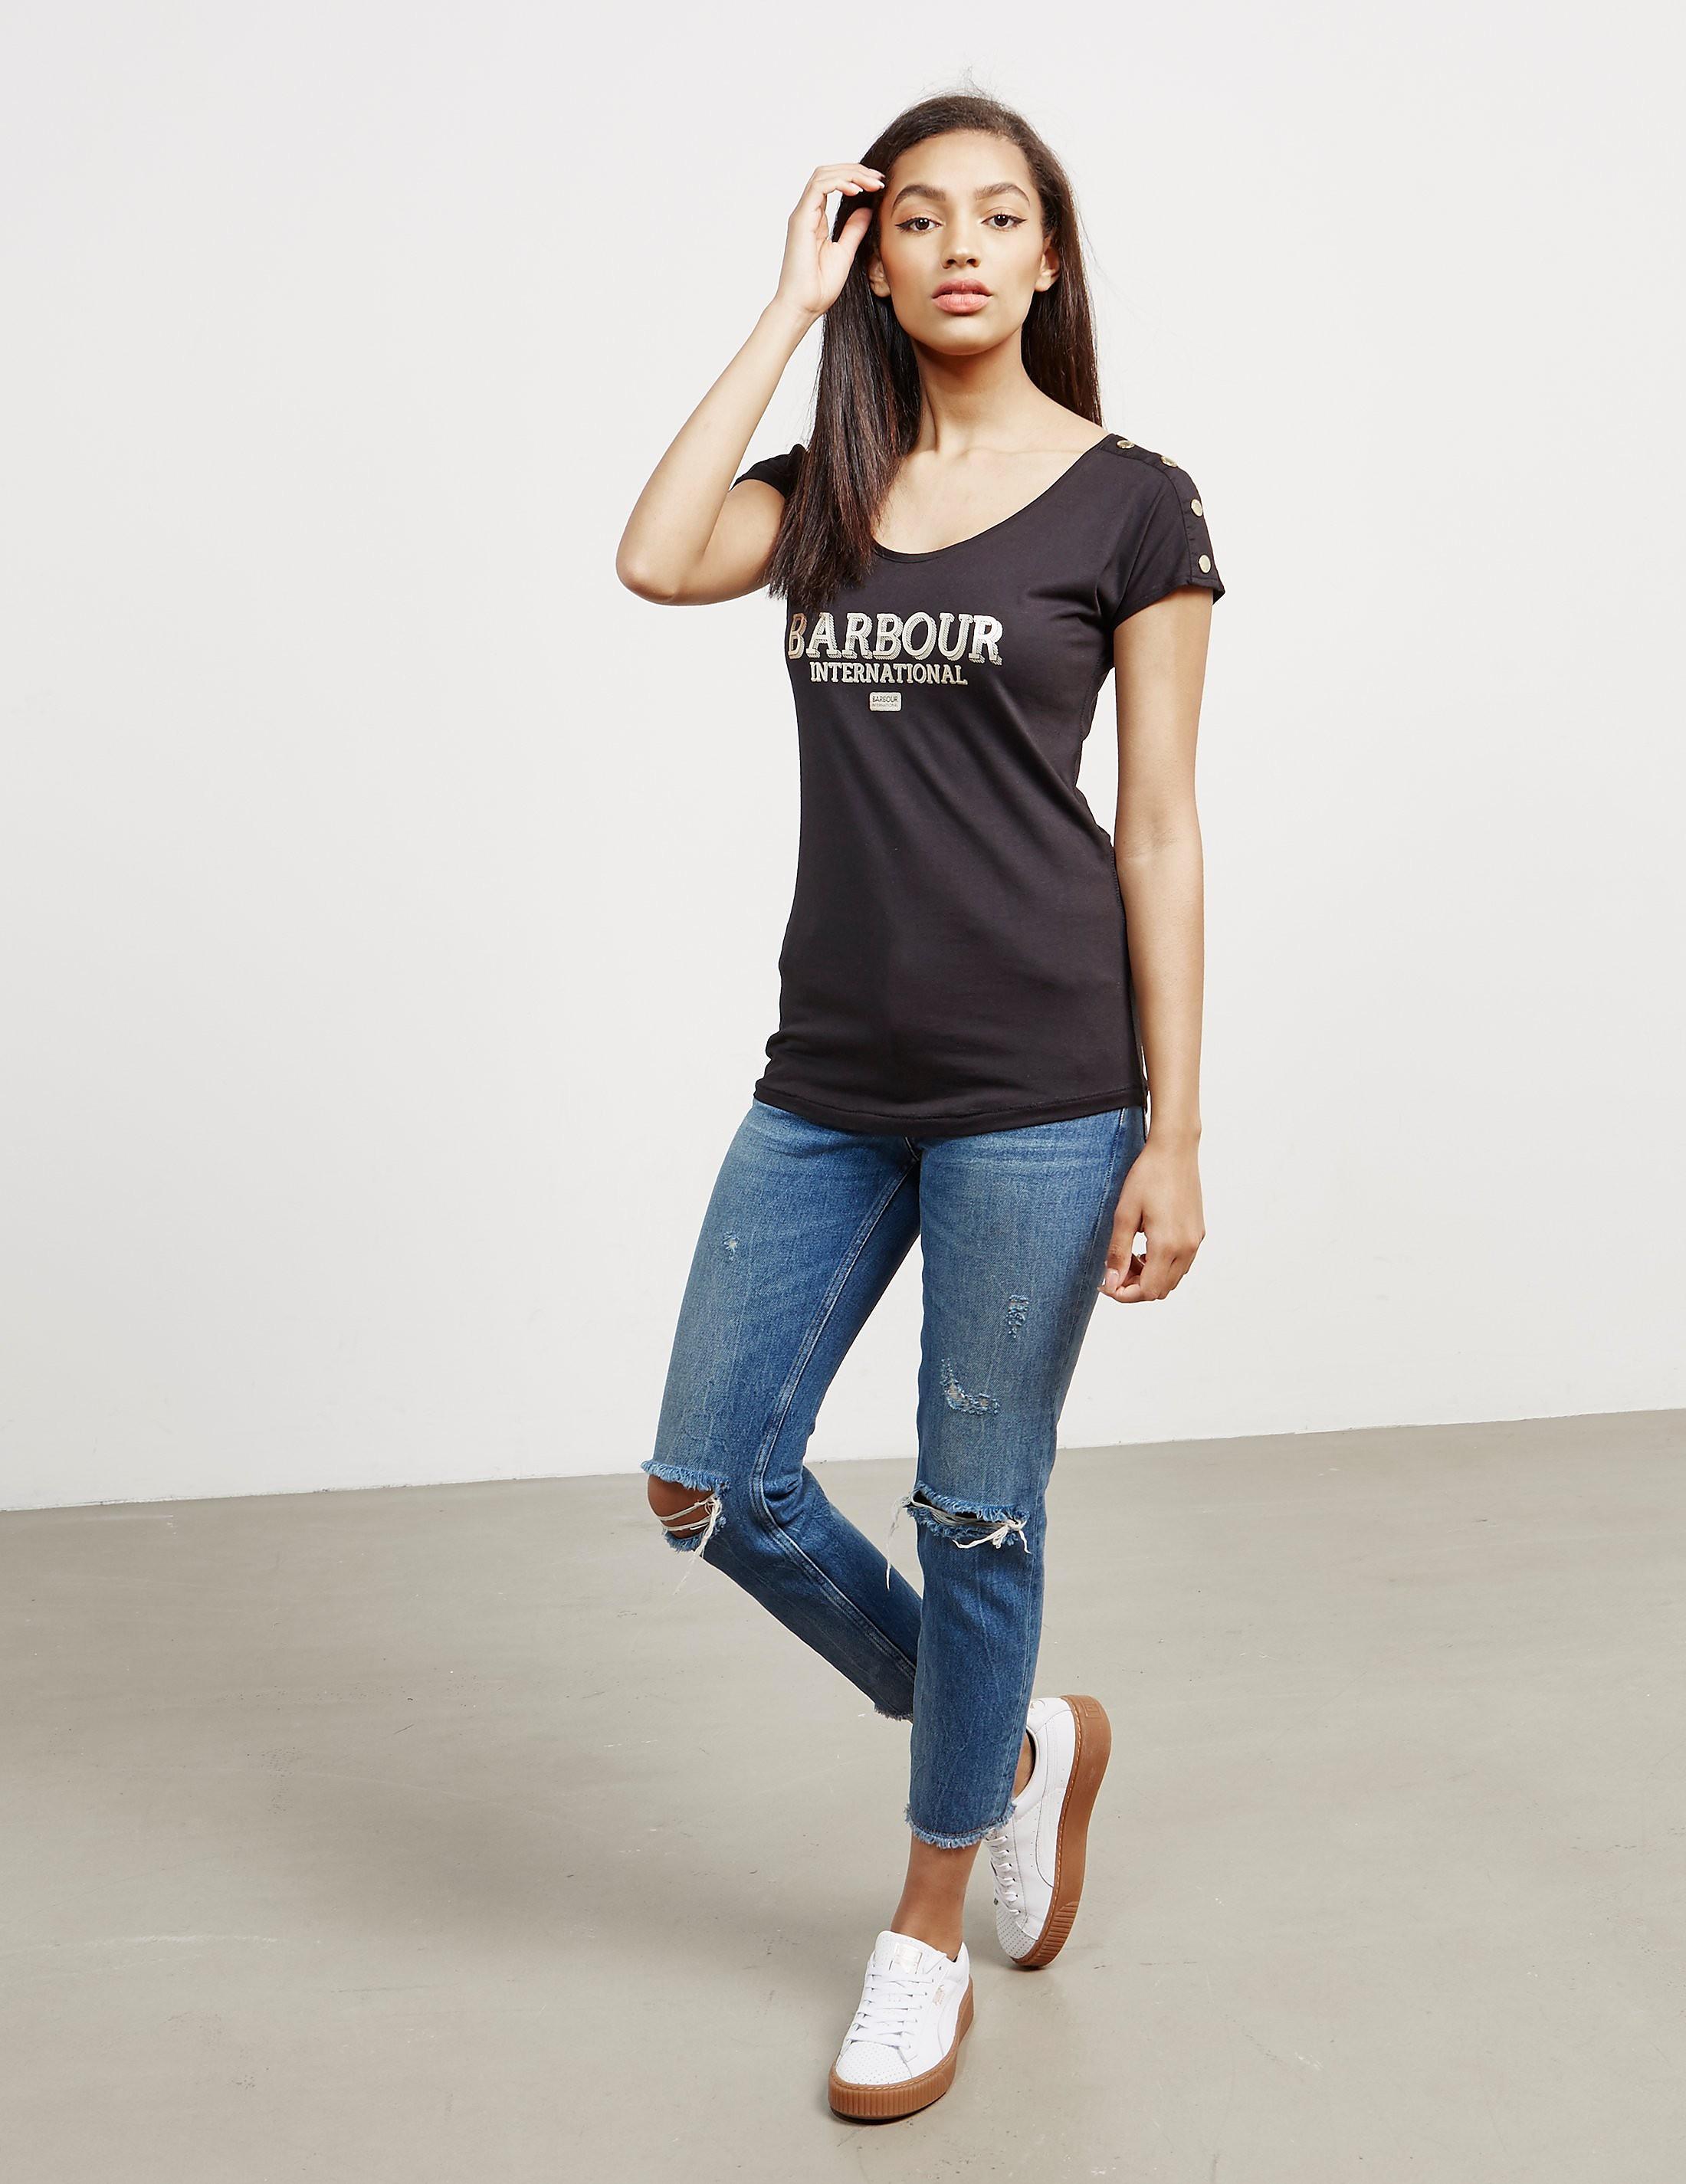 Barbour International Short Sleeve T-Shirt